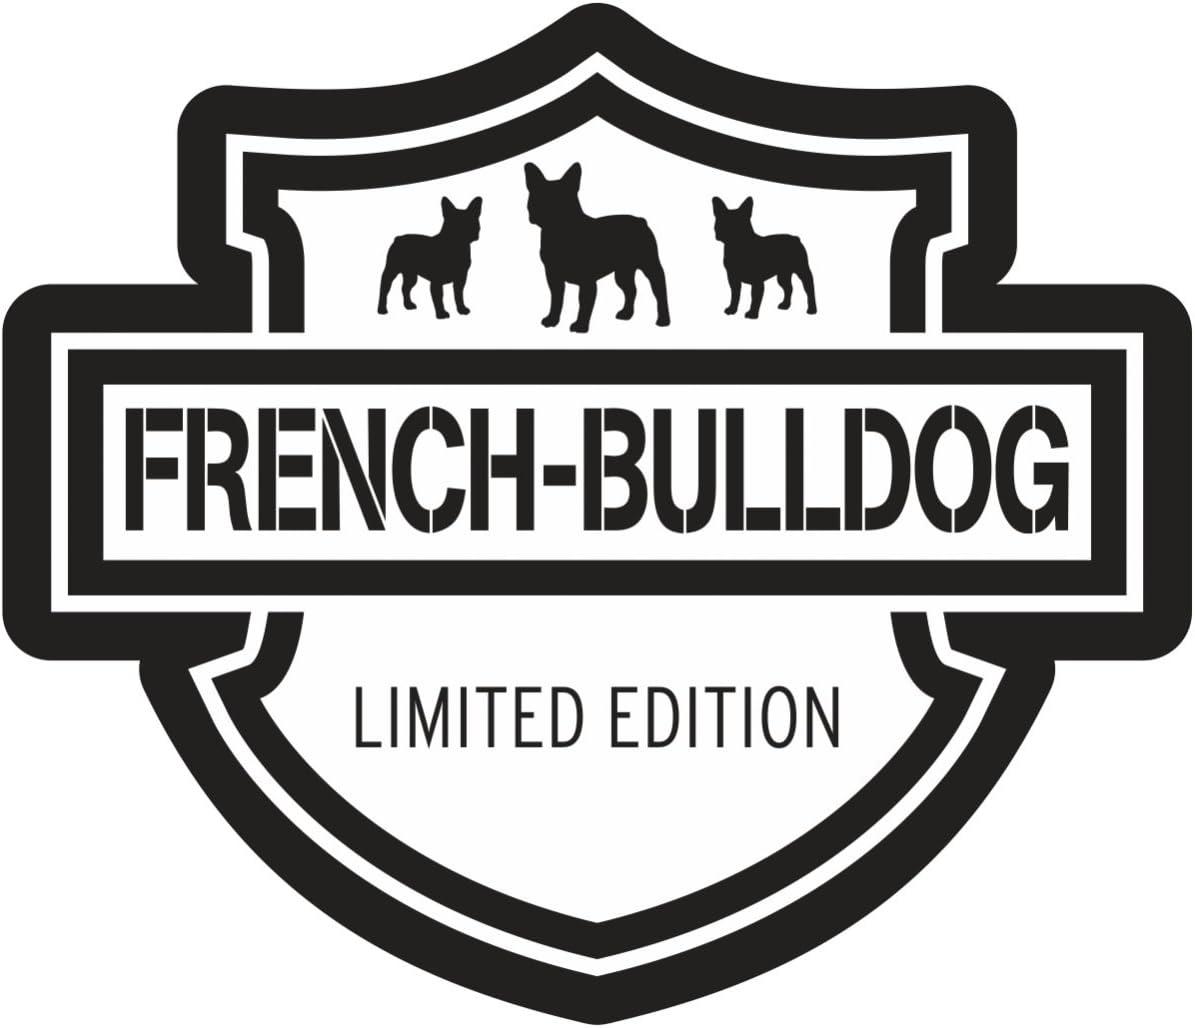 Aufkleber Wetterfest French Bulldog 14 Cm Oder 46 Cm Französische Bulldogge Hund Auto